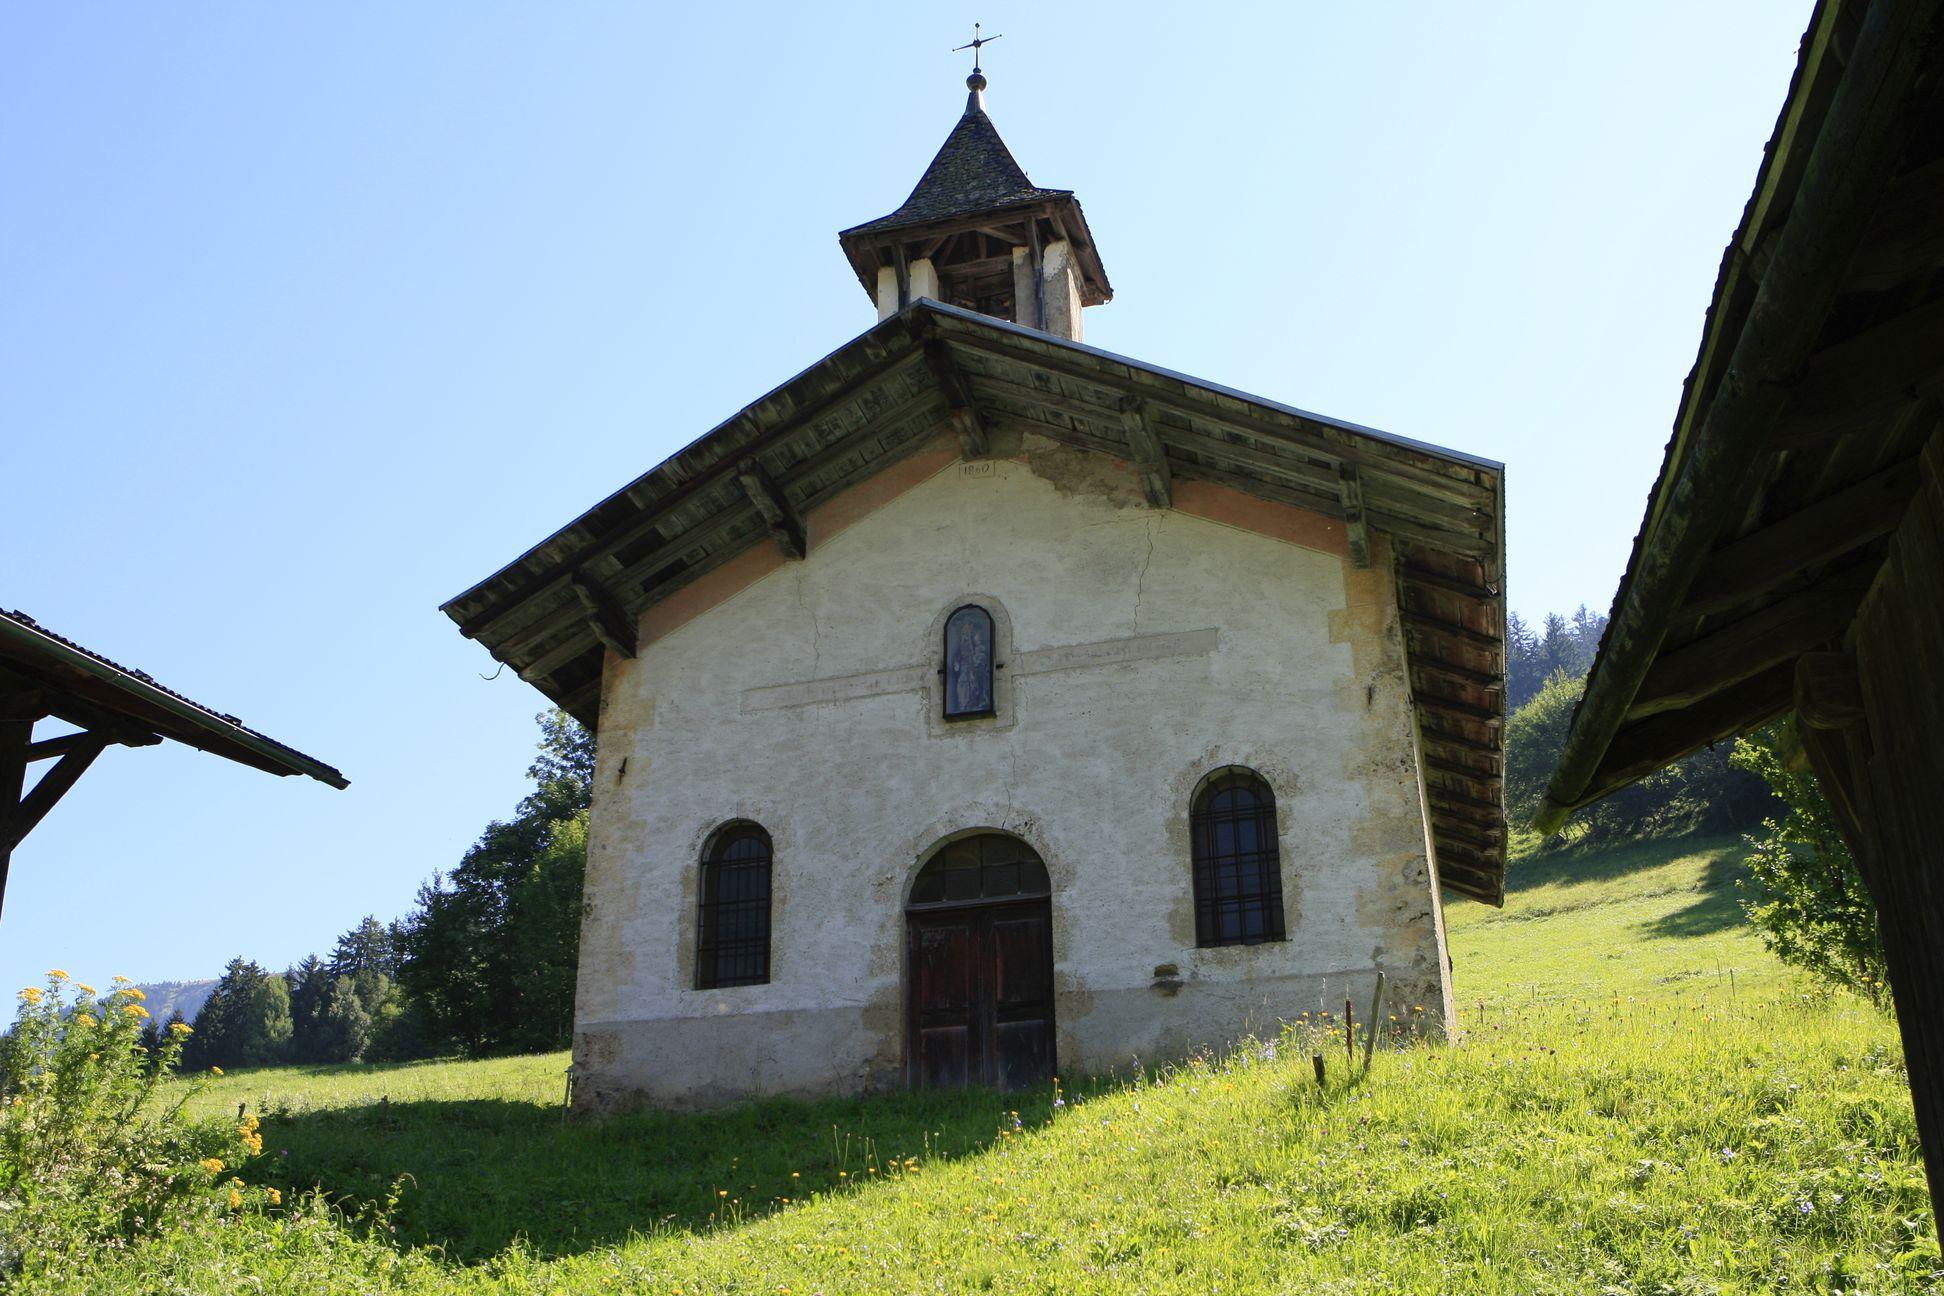 Chapelle de St Sauveur